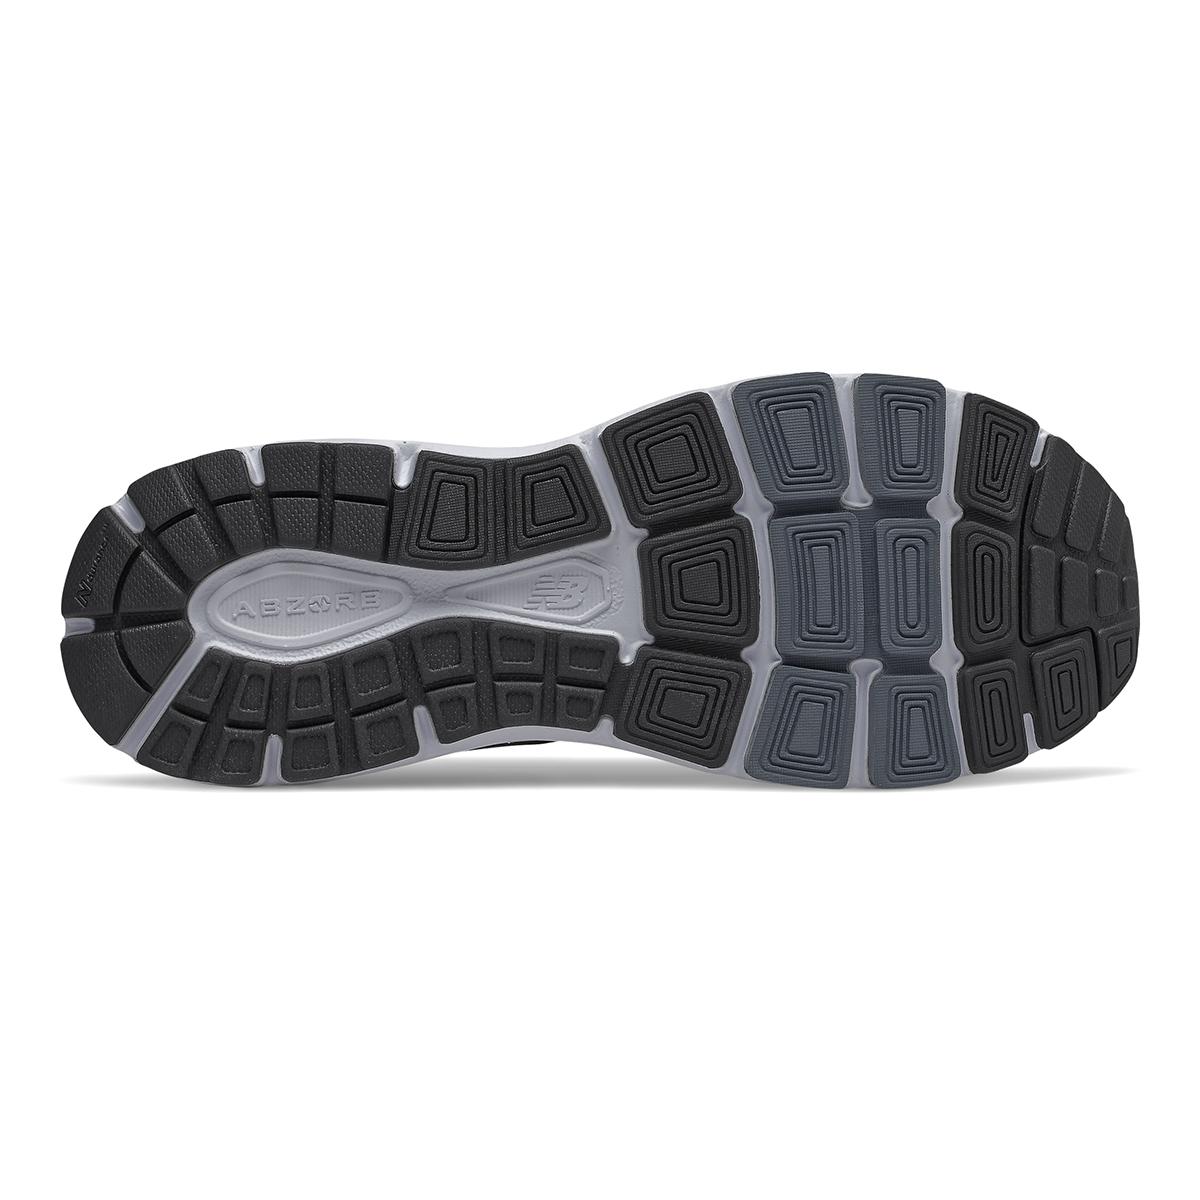 Men's New Balance 840V4 Walking Shoe - Color: Black - Size: 7 - Width: Wide, Black, large, image 4